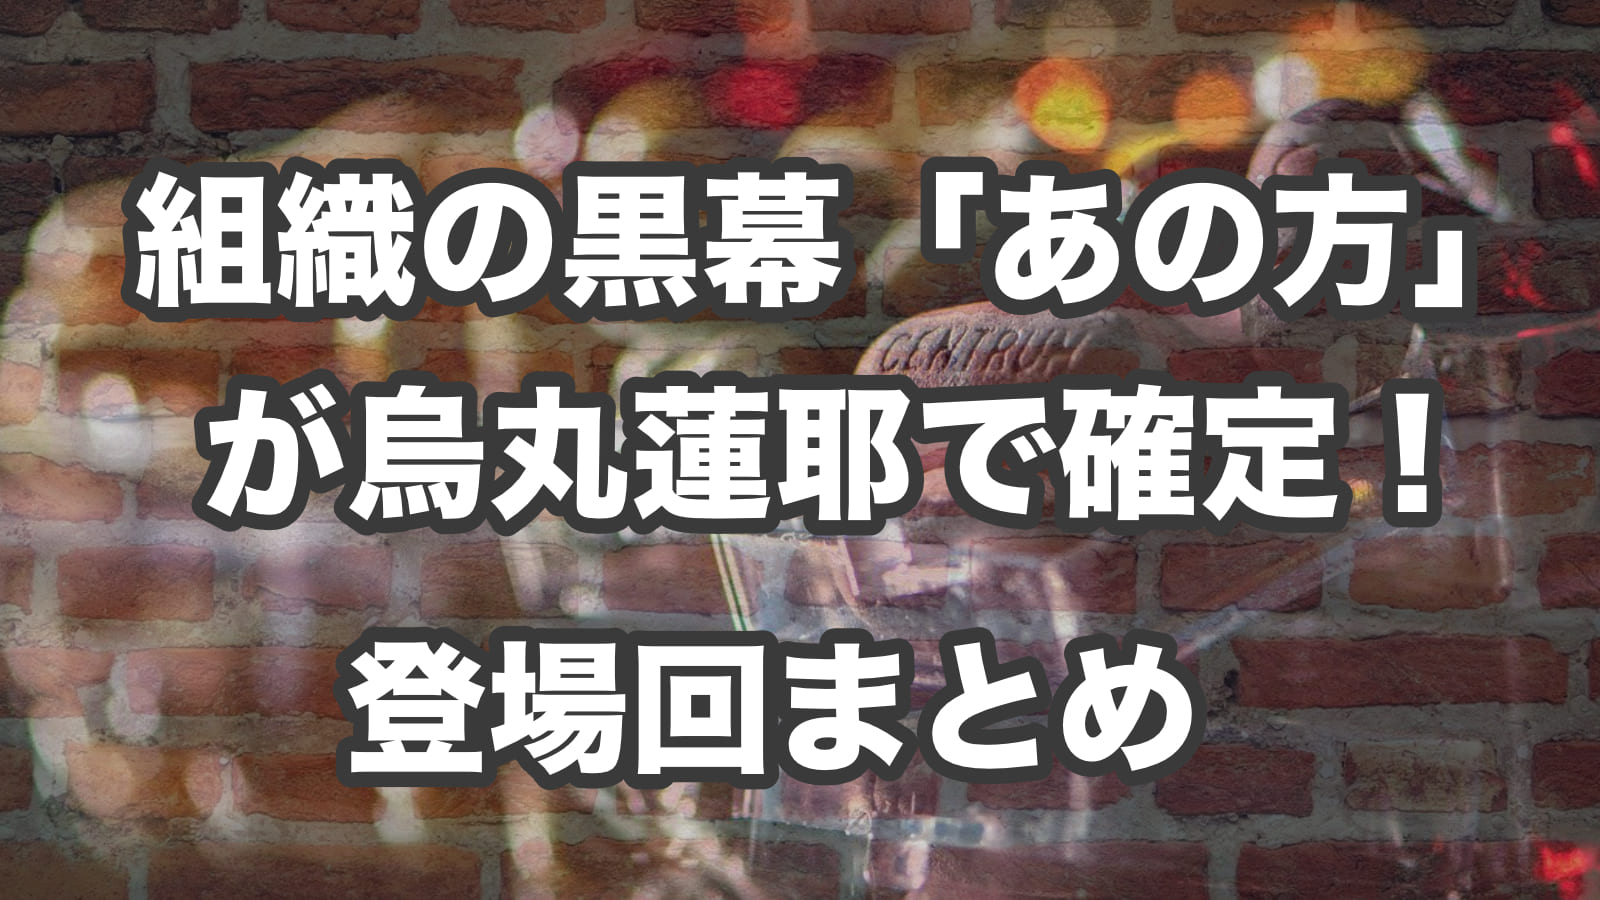 【名探偵コナン】黒幕とあの方の正体「烏丸蓮耶」登場回まとめ【組織のボス】